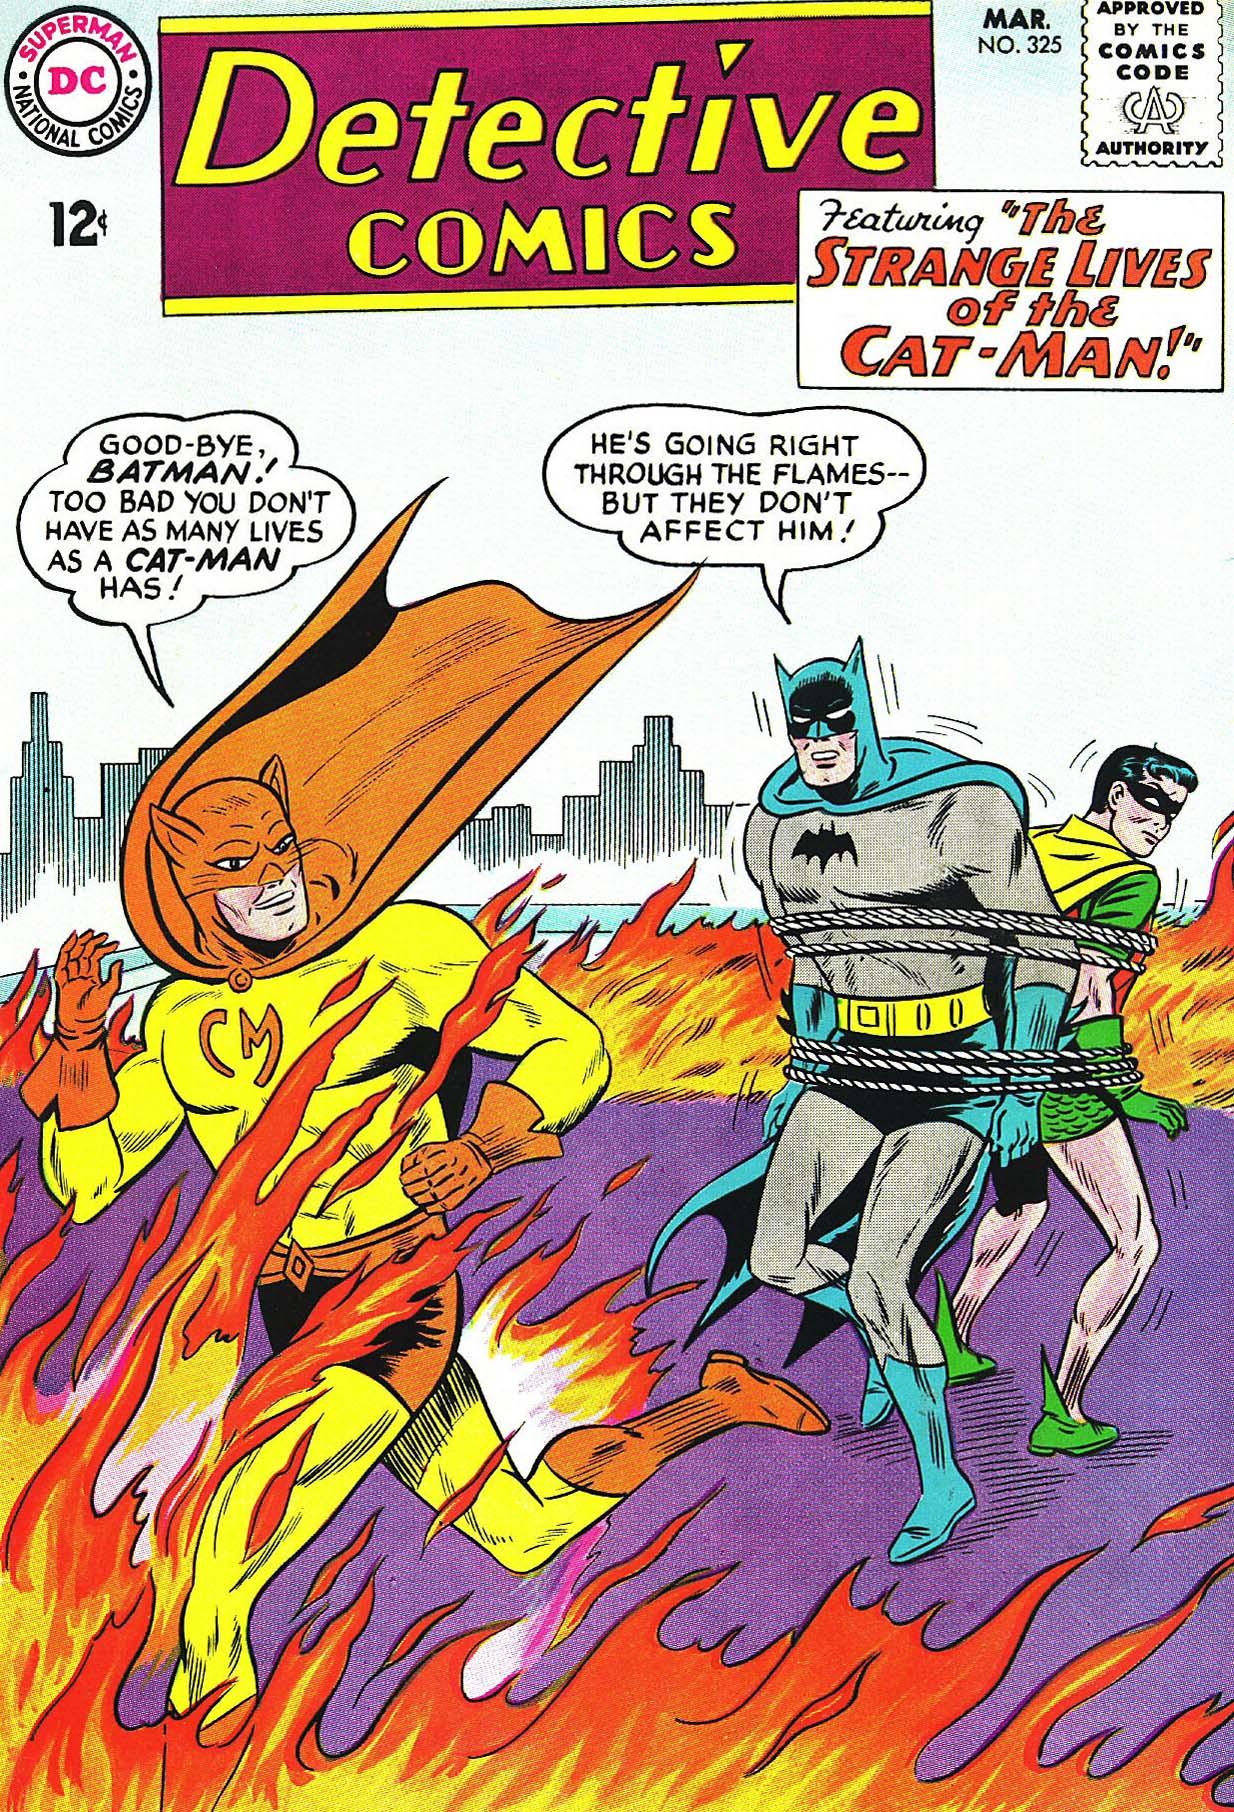 Detective Comics Vol 1 325